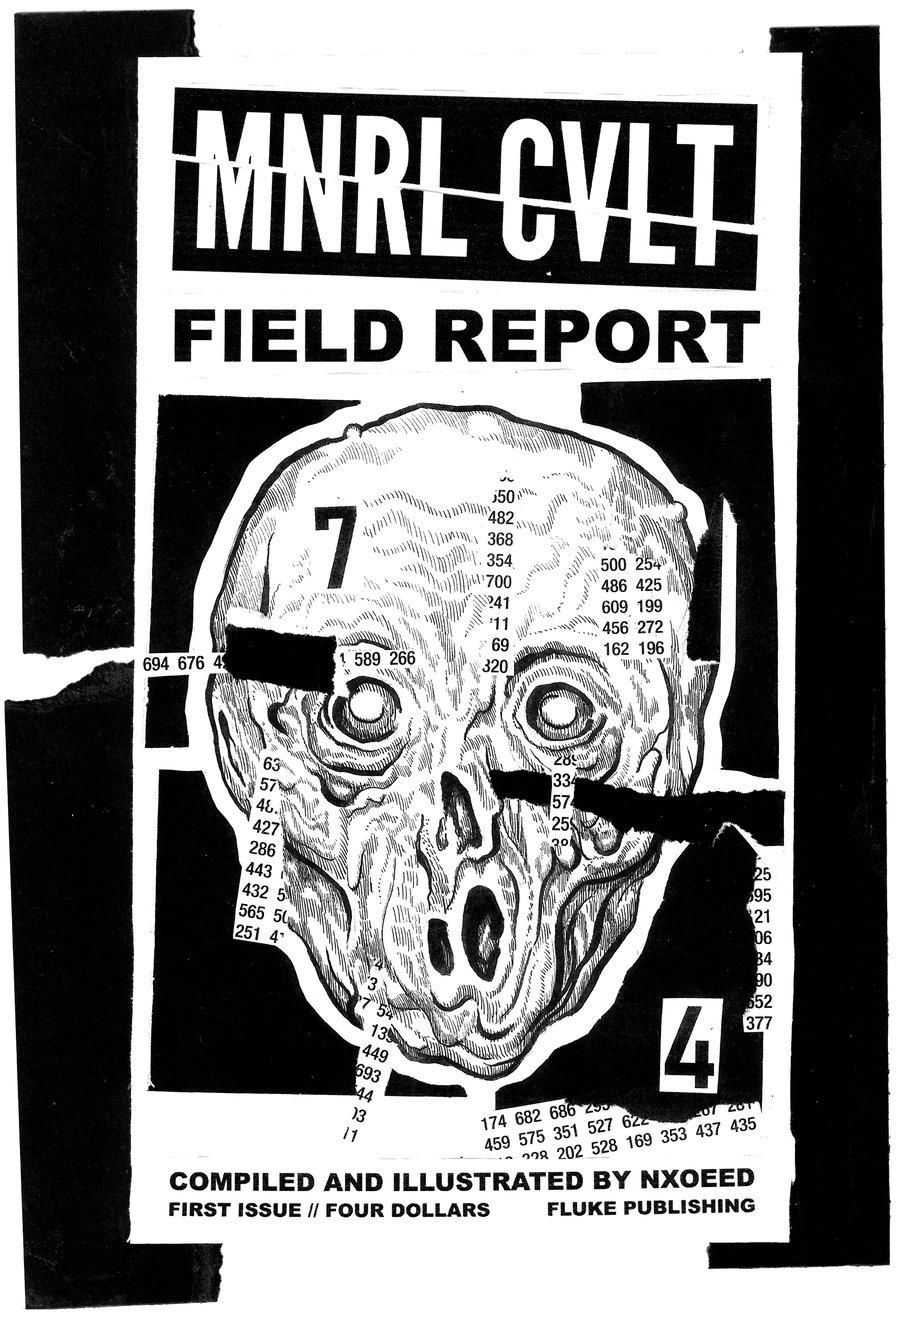 Image of MNRL CVLT FIELD REPORT | Winter 2021 (Fluke Publishing)